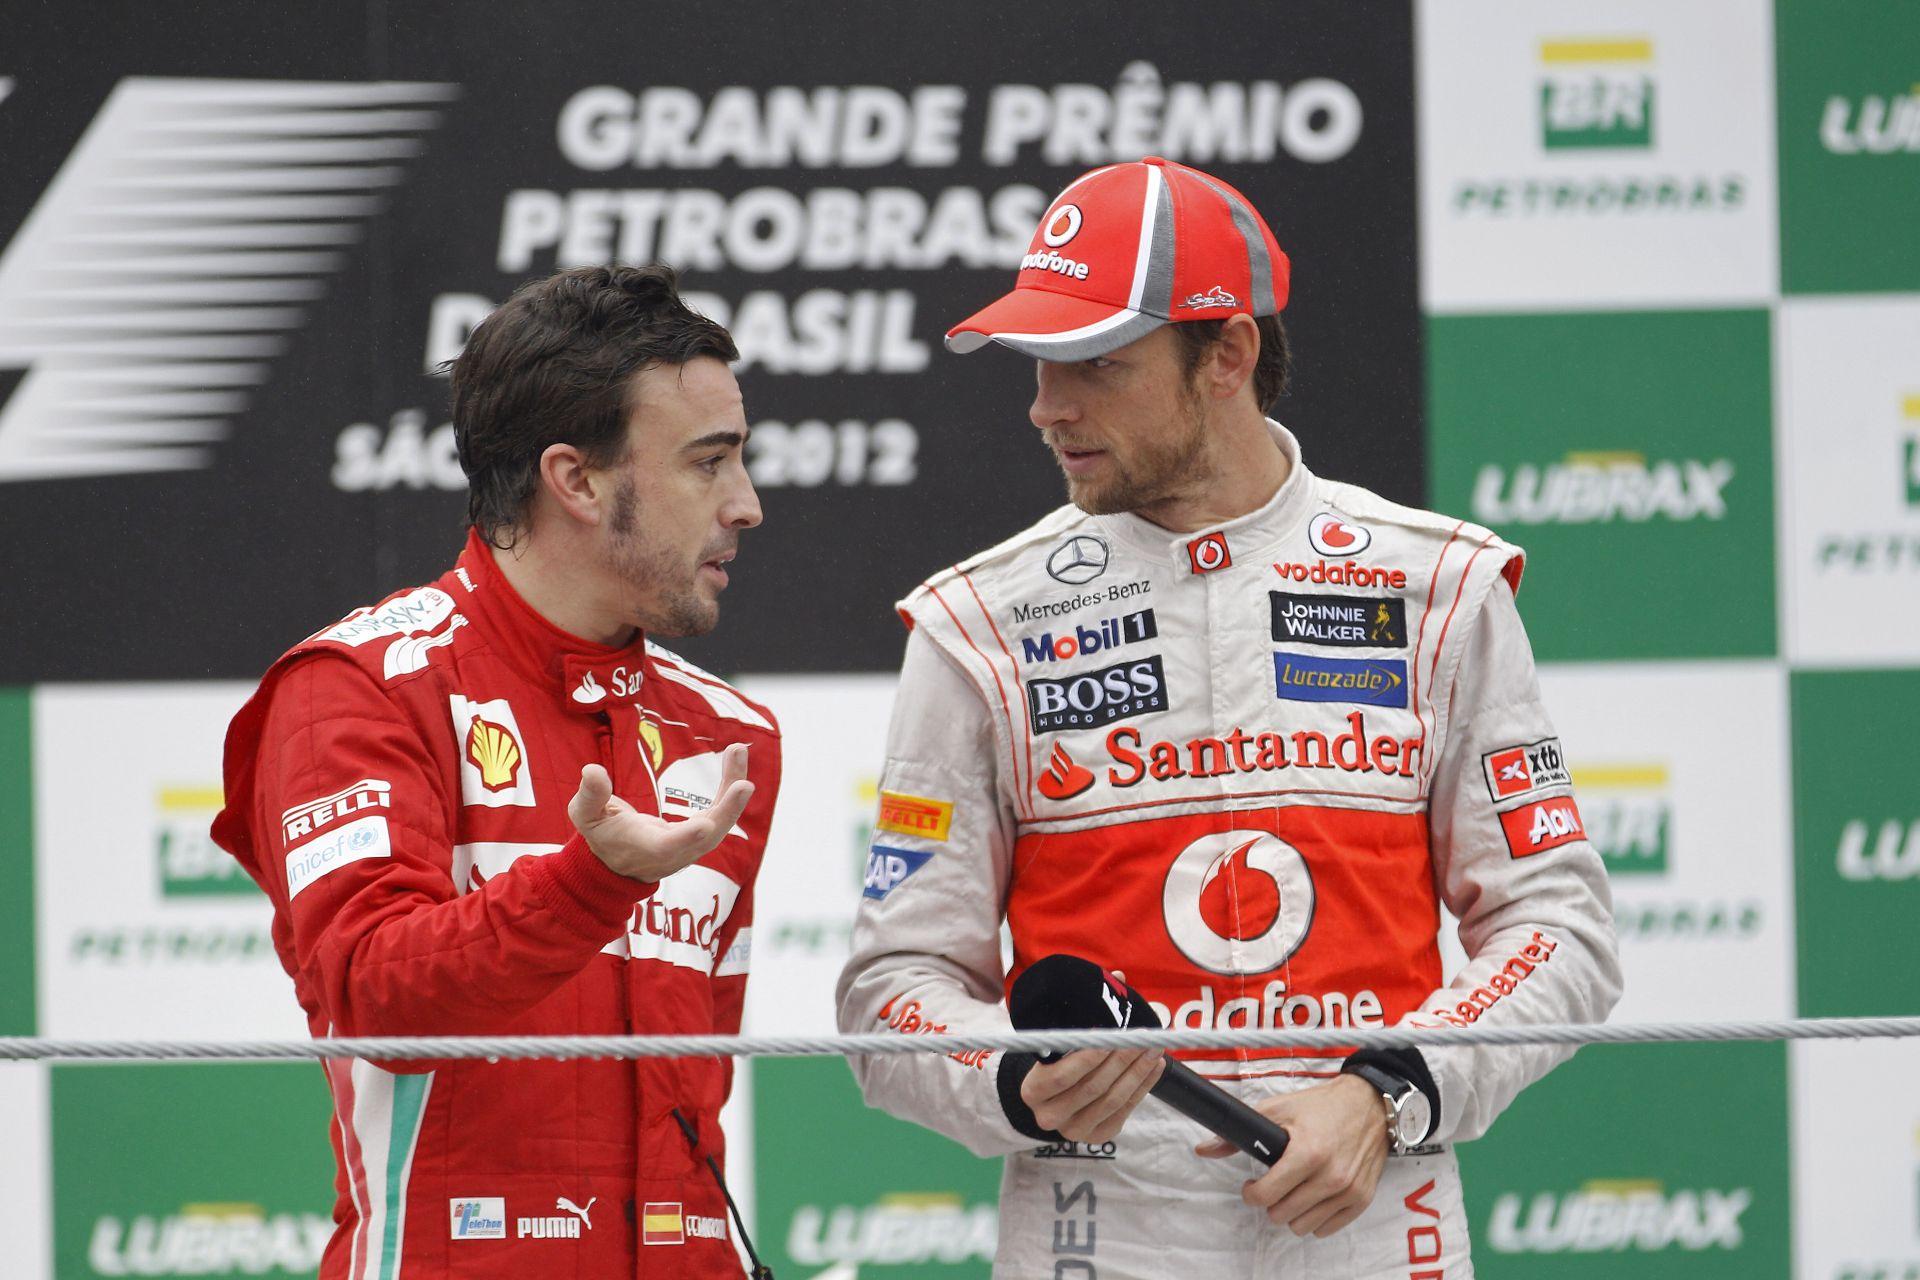 Alonso-Button páros a McLaren-Hondánál? Hamilton, mint divatgyilkos, vagy divatdiktátor?